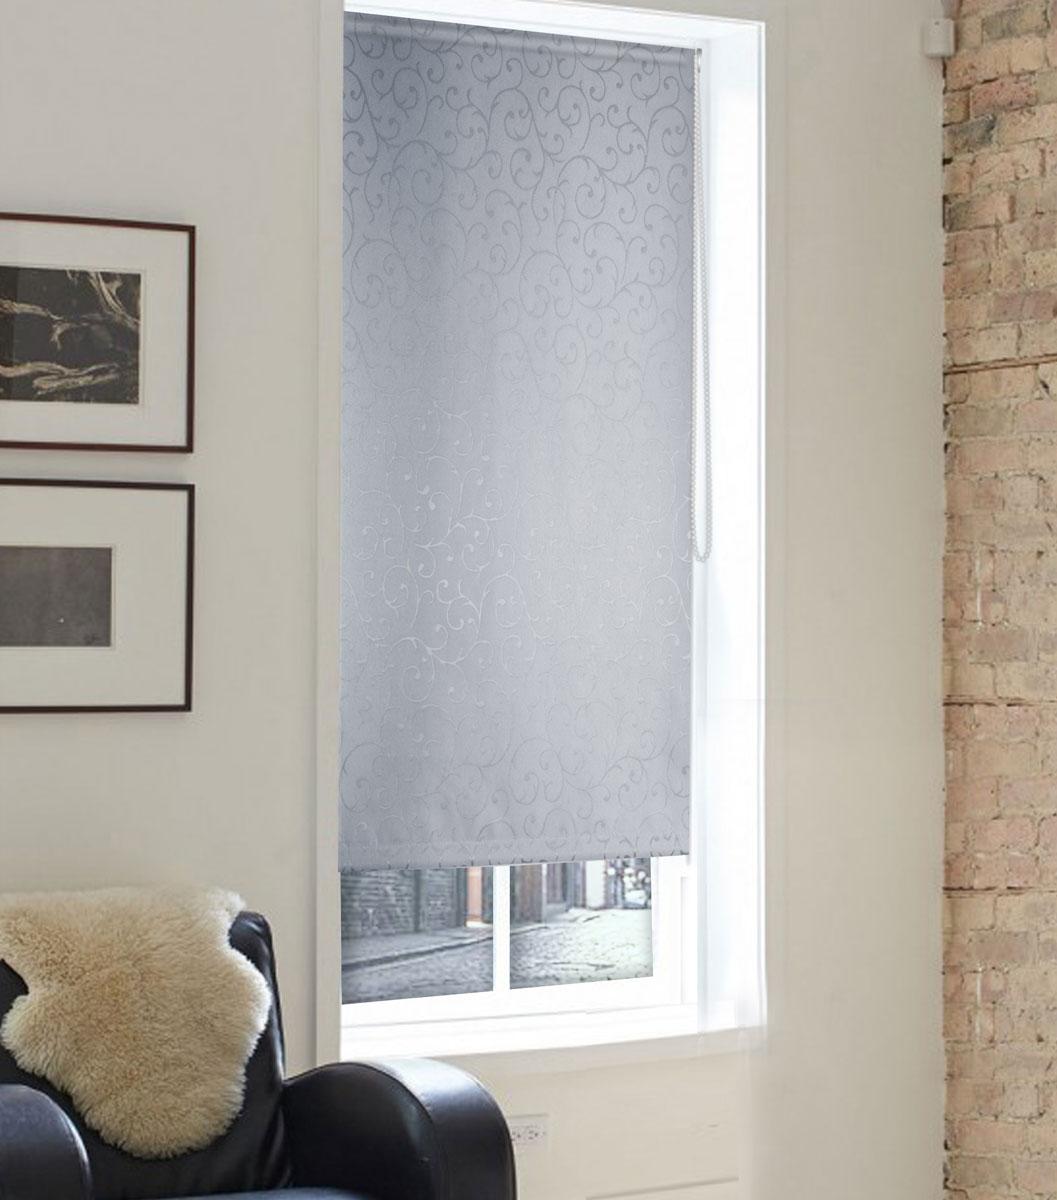 Штора рулонная Эскар Миниролло. Агат, фактурная, цвет: серый, ширина 83 см, высота 160 смPANTERA SPX-2RSРулонная штора Эскар Миниролло. Агат выполнена из высокопрочной ткани, которая сохраняет свой размер даже при намокании. Ткань не выцветает и обладает отличной цветоустойчивостью.Миниролло - это подвид рулонных штор, который закрывает не весь оконный проем, а непосредственно само стекло. Такие шторы крепятся на раму без сверления при помощи зажимов или клейкой двухсторонней ленты. Окно остается на гарантии, благодаря монтажу без сверления. Такая штора станет прекрасным элементом декора окна и гармонично впишется в интерьер любого помещения.